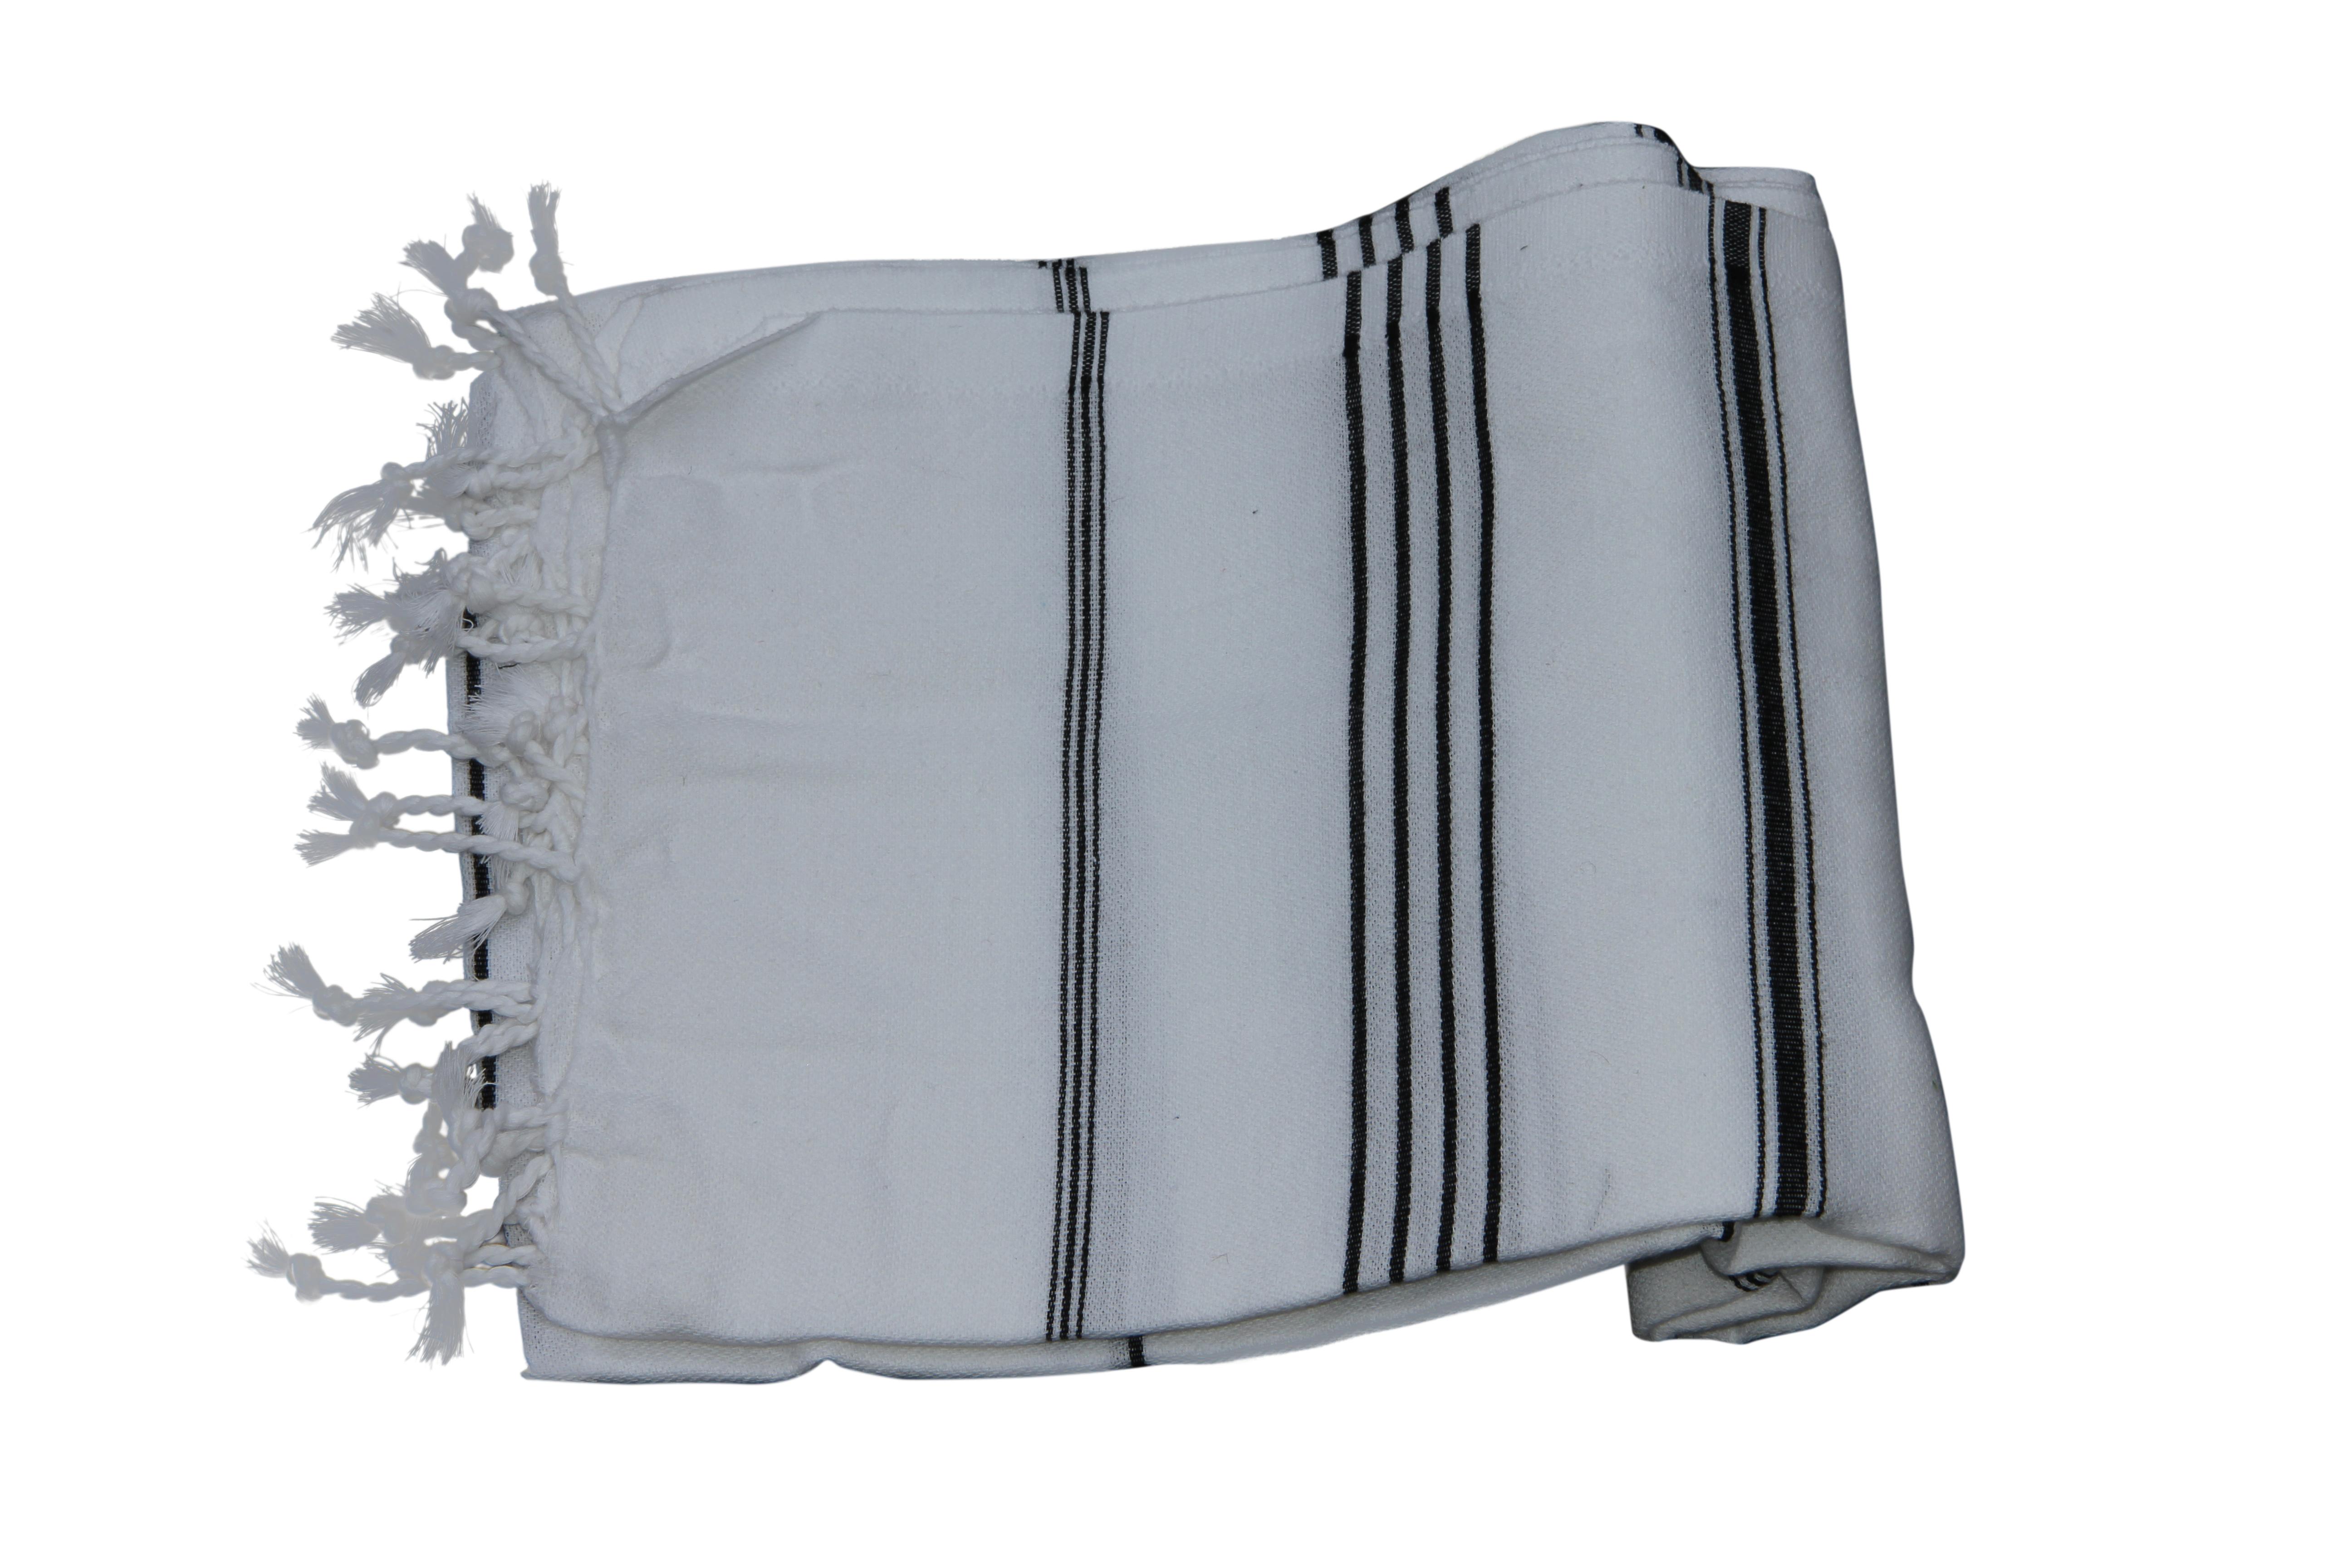 Hamamdoek wit met zwarte streep, 100% katoen (100cm x 180cm)  100% geweven katoenen handdoek. Ideaal voor strand en onderweg. Tevens leuke cadeau tip!